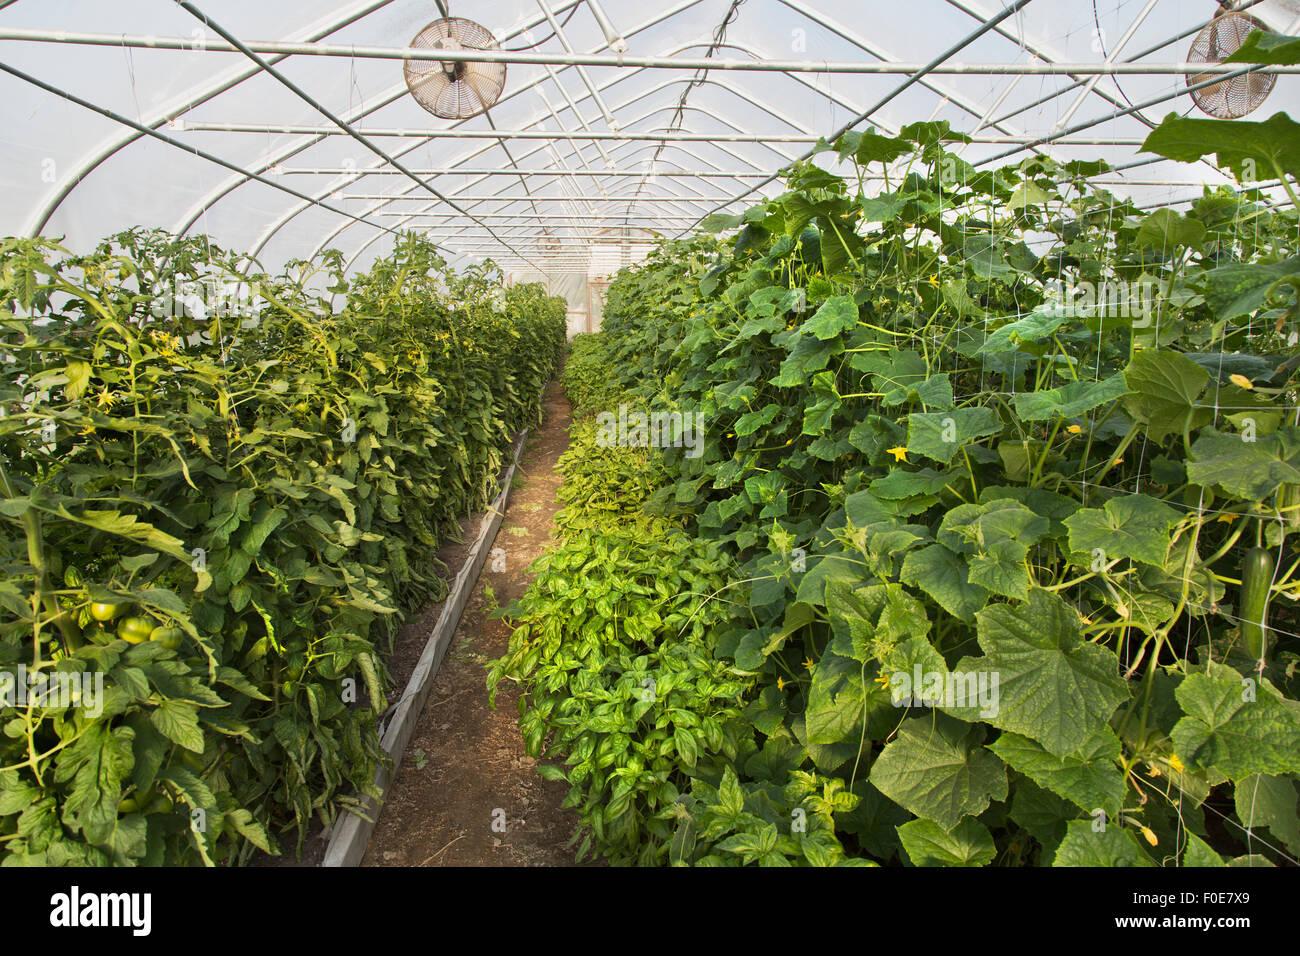 Organisch wachsen Tomaten, Basilikum, Paprika und Gurken, Tunnel. Stockfoto